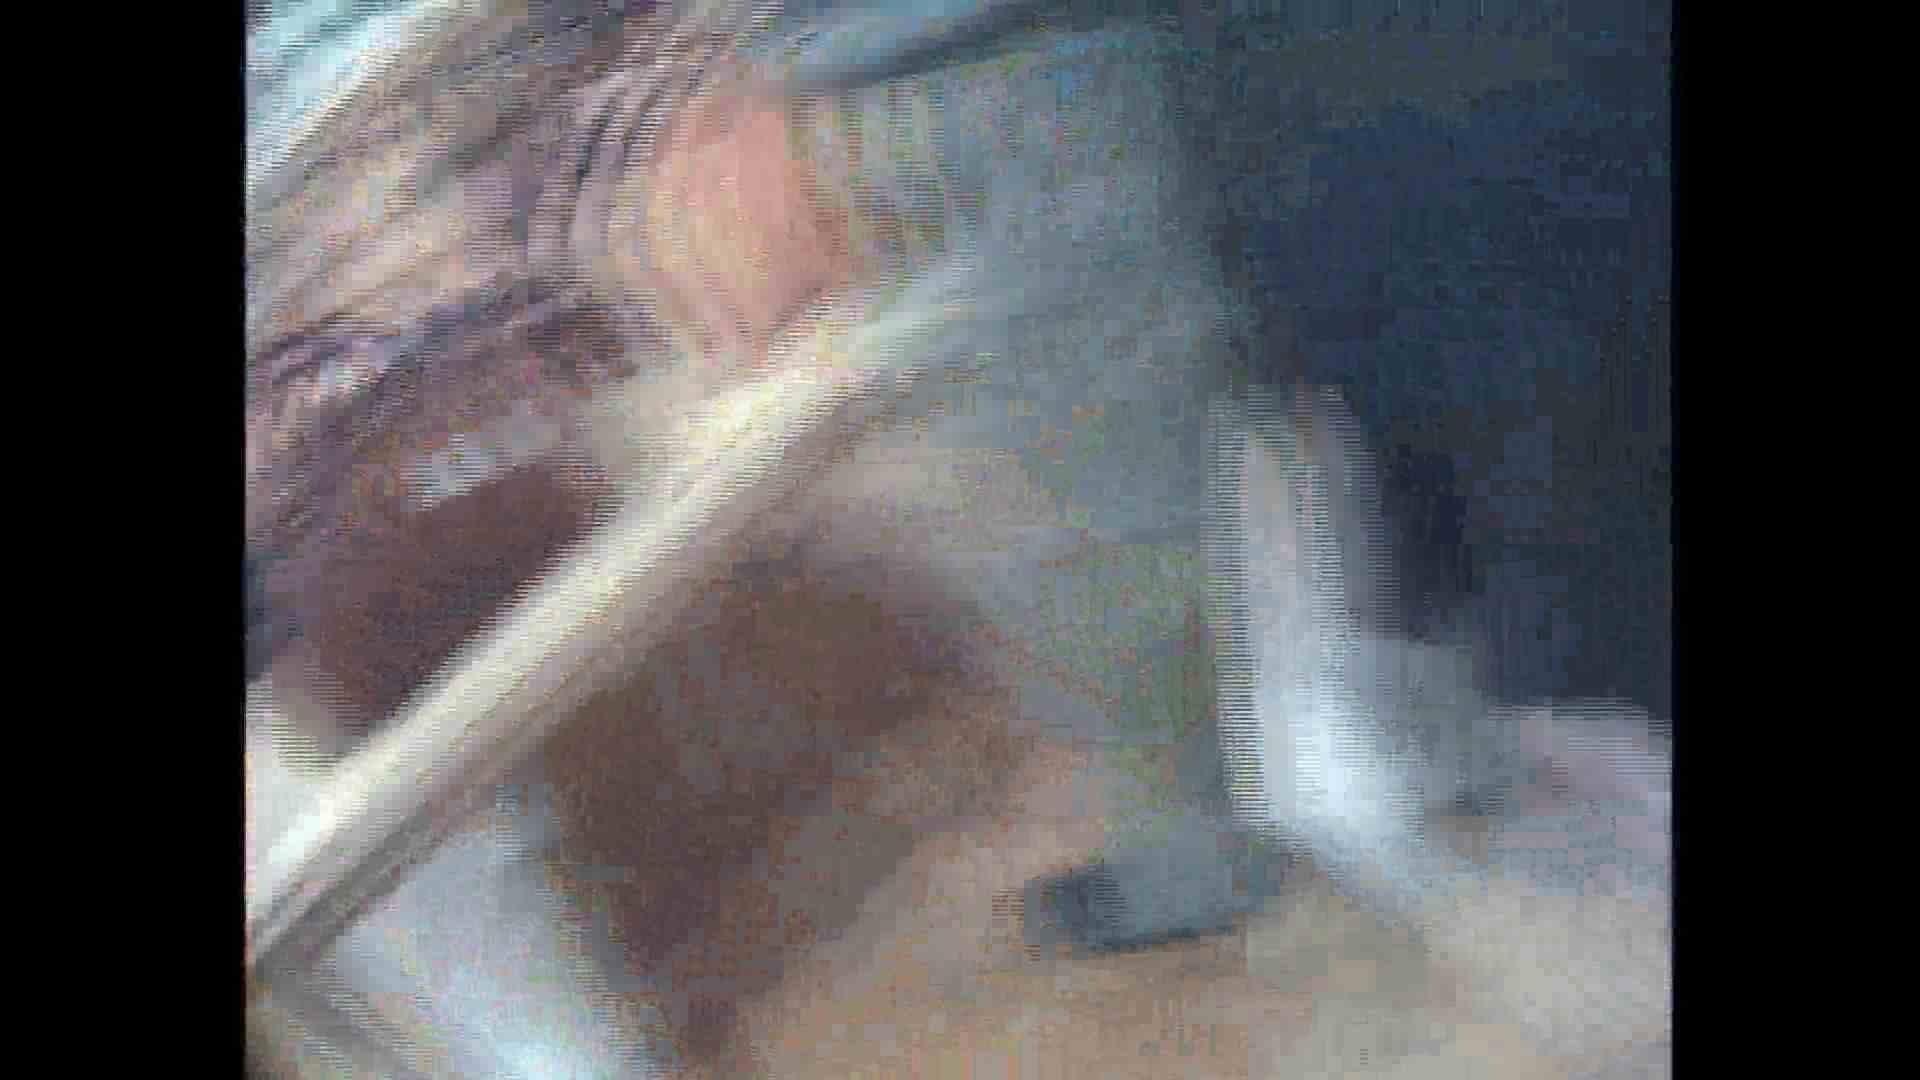 働く美女の谷間参拝 Vol.26 おっぱい 盗み撮りSEX無修正画像 89画像 2